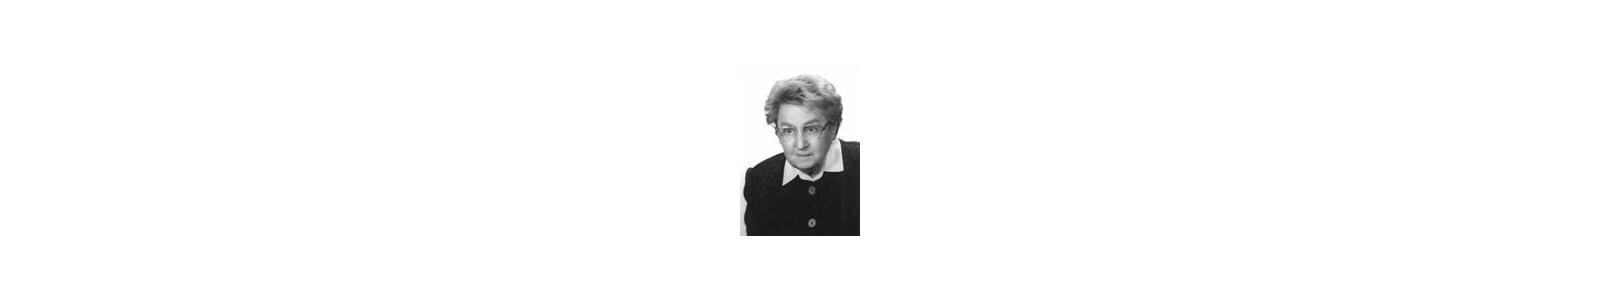 Siostra Dominika Zaleska (1918-2002)